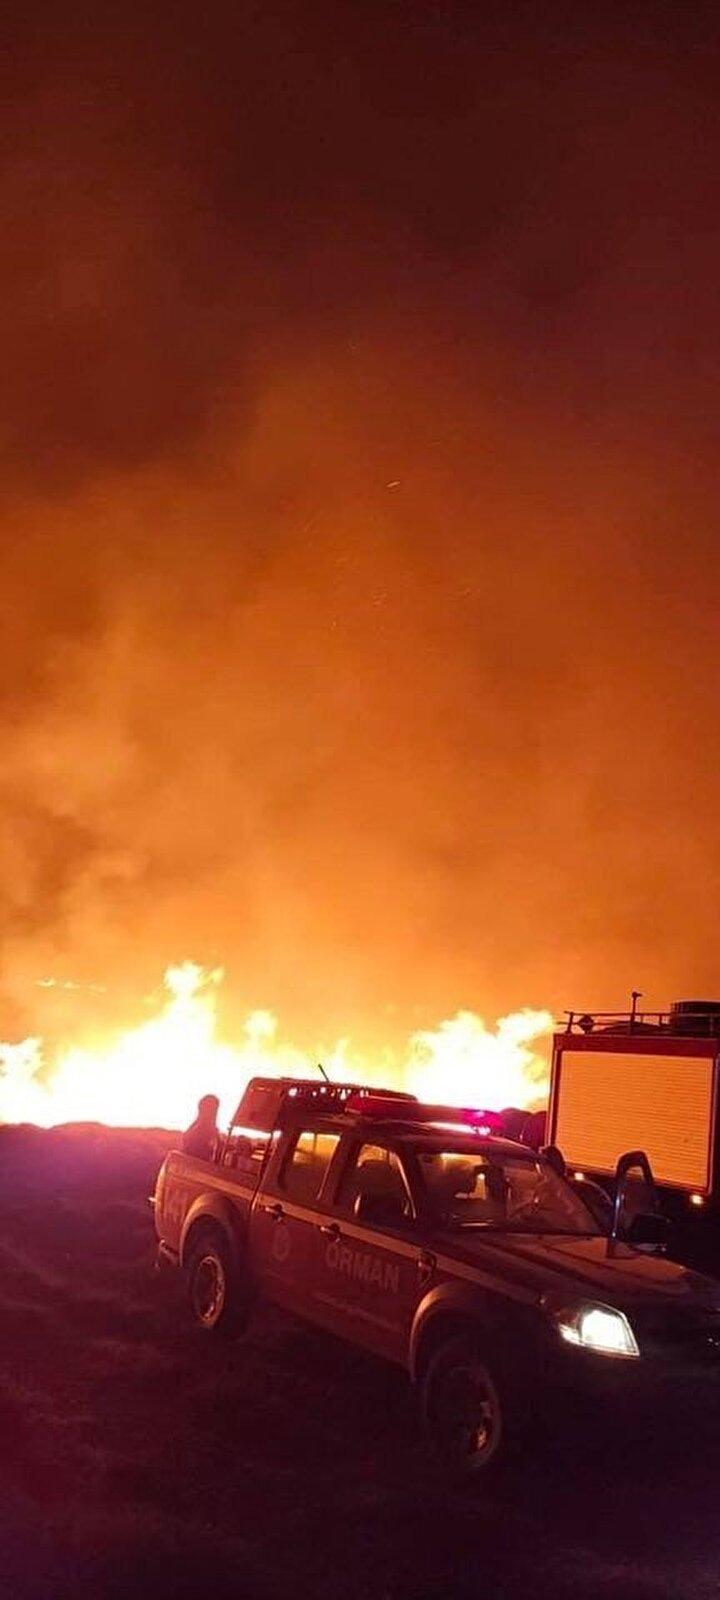 Kuvvetli rüzgarın da etkisiyle büyüyen ve kısa sürede geniş bir alana yayılan yangına, ihbar üzerine bölgeye sevk edilen itfaiye araçları ve arazözler ile müdahale edilmeye başlandı.